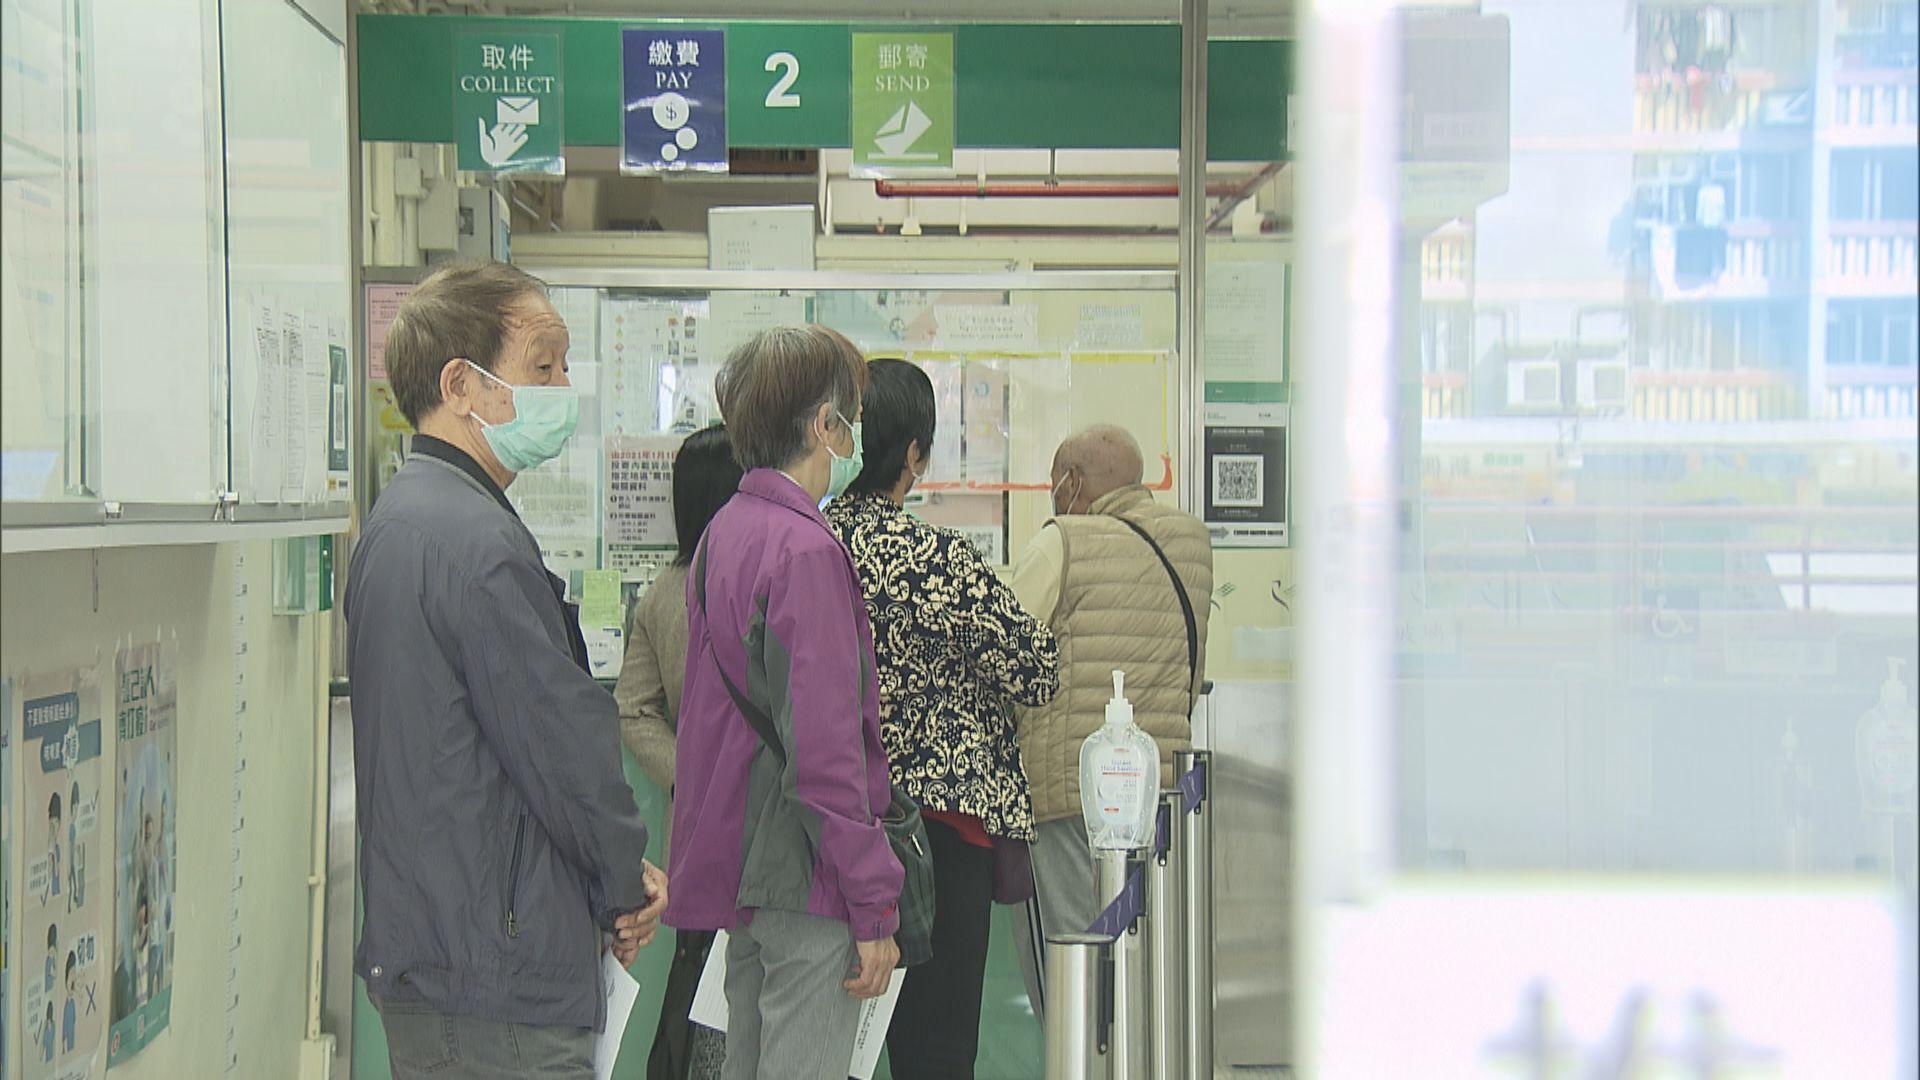 長者不懂網上預約接種疫苗 到郵局及社區中心排隊求助